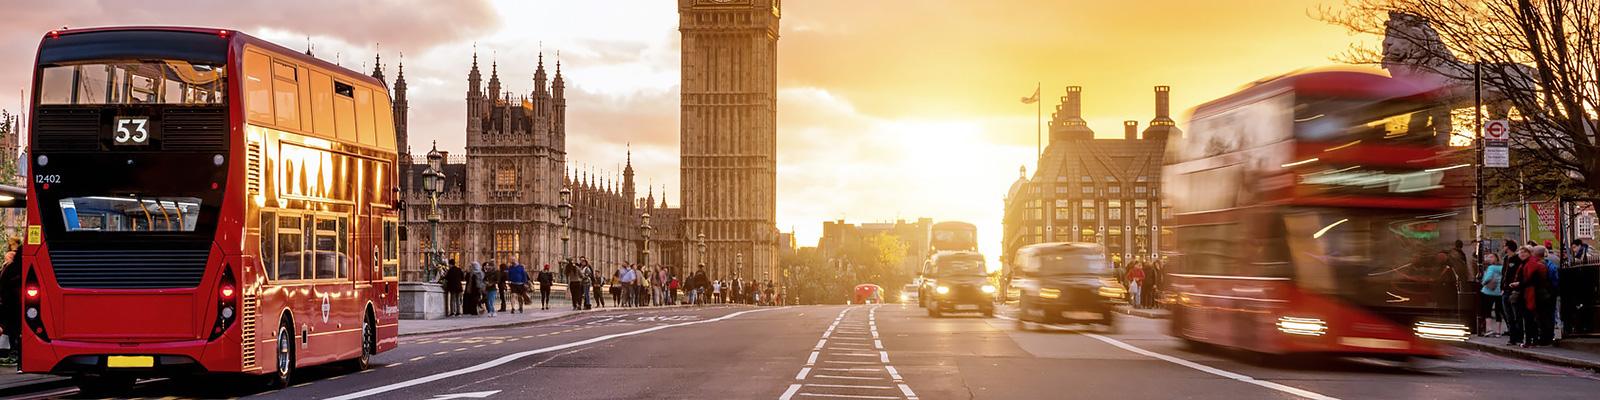 ロンドン タクシー イメージ